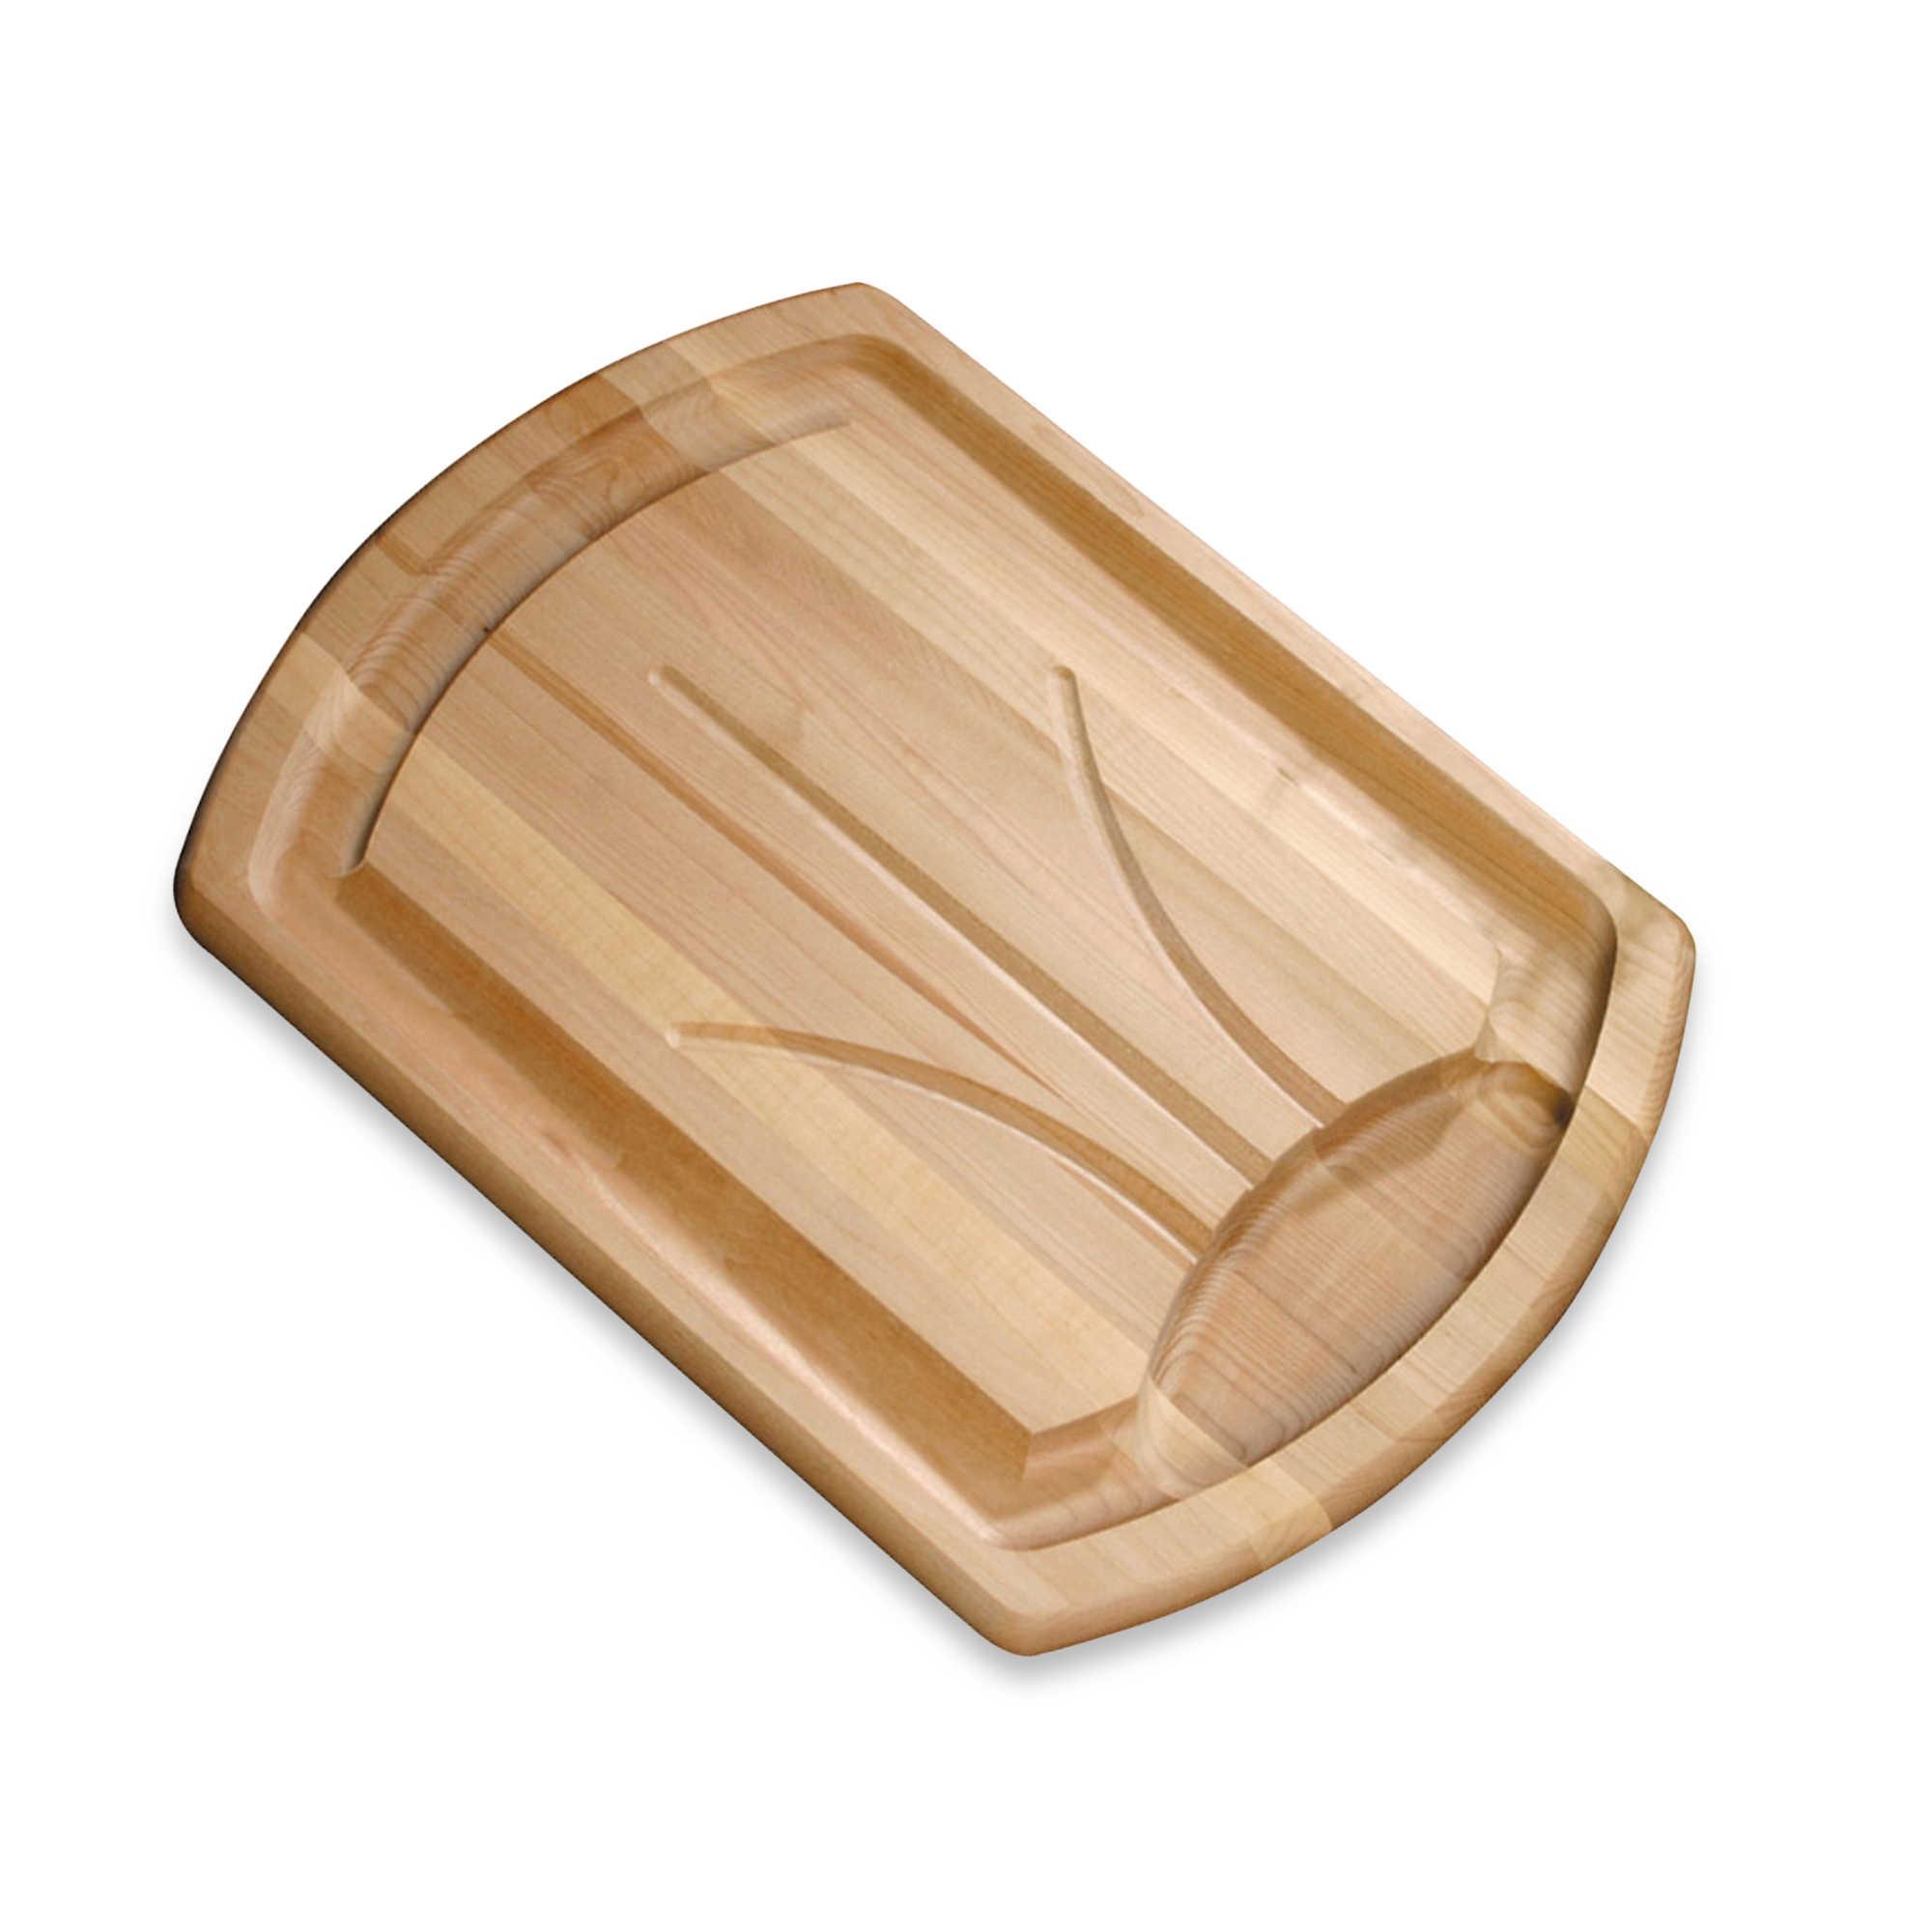 tri-drip wooden cutting board